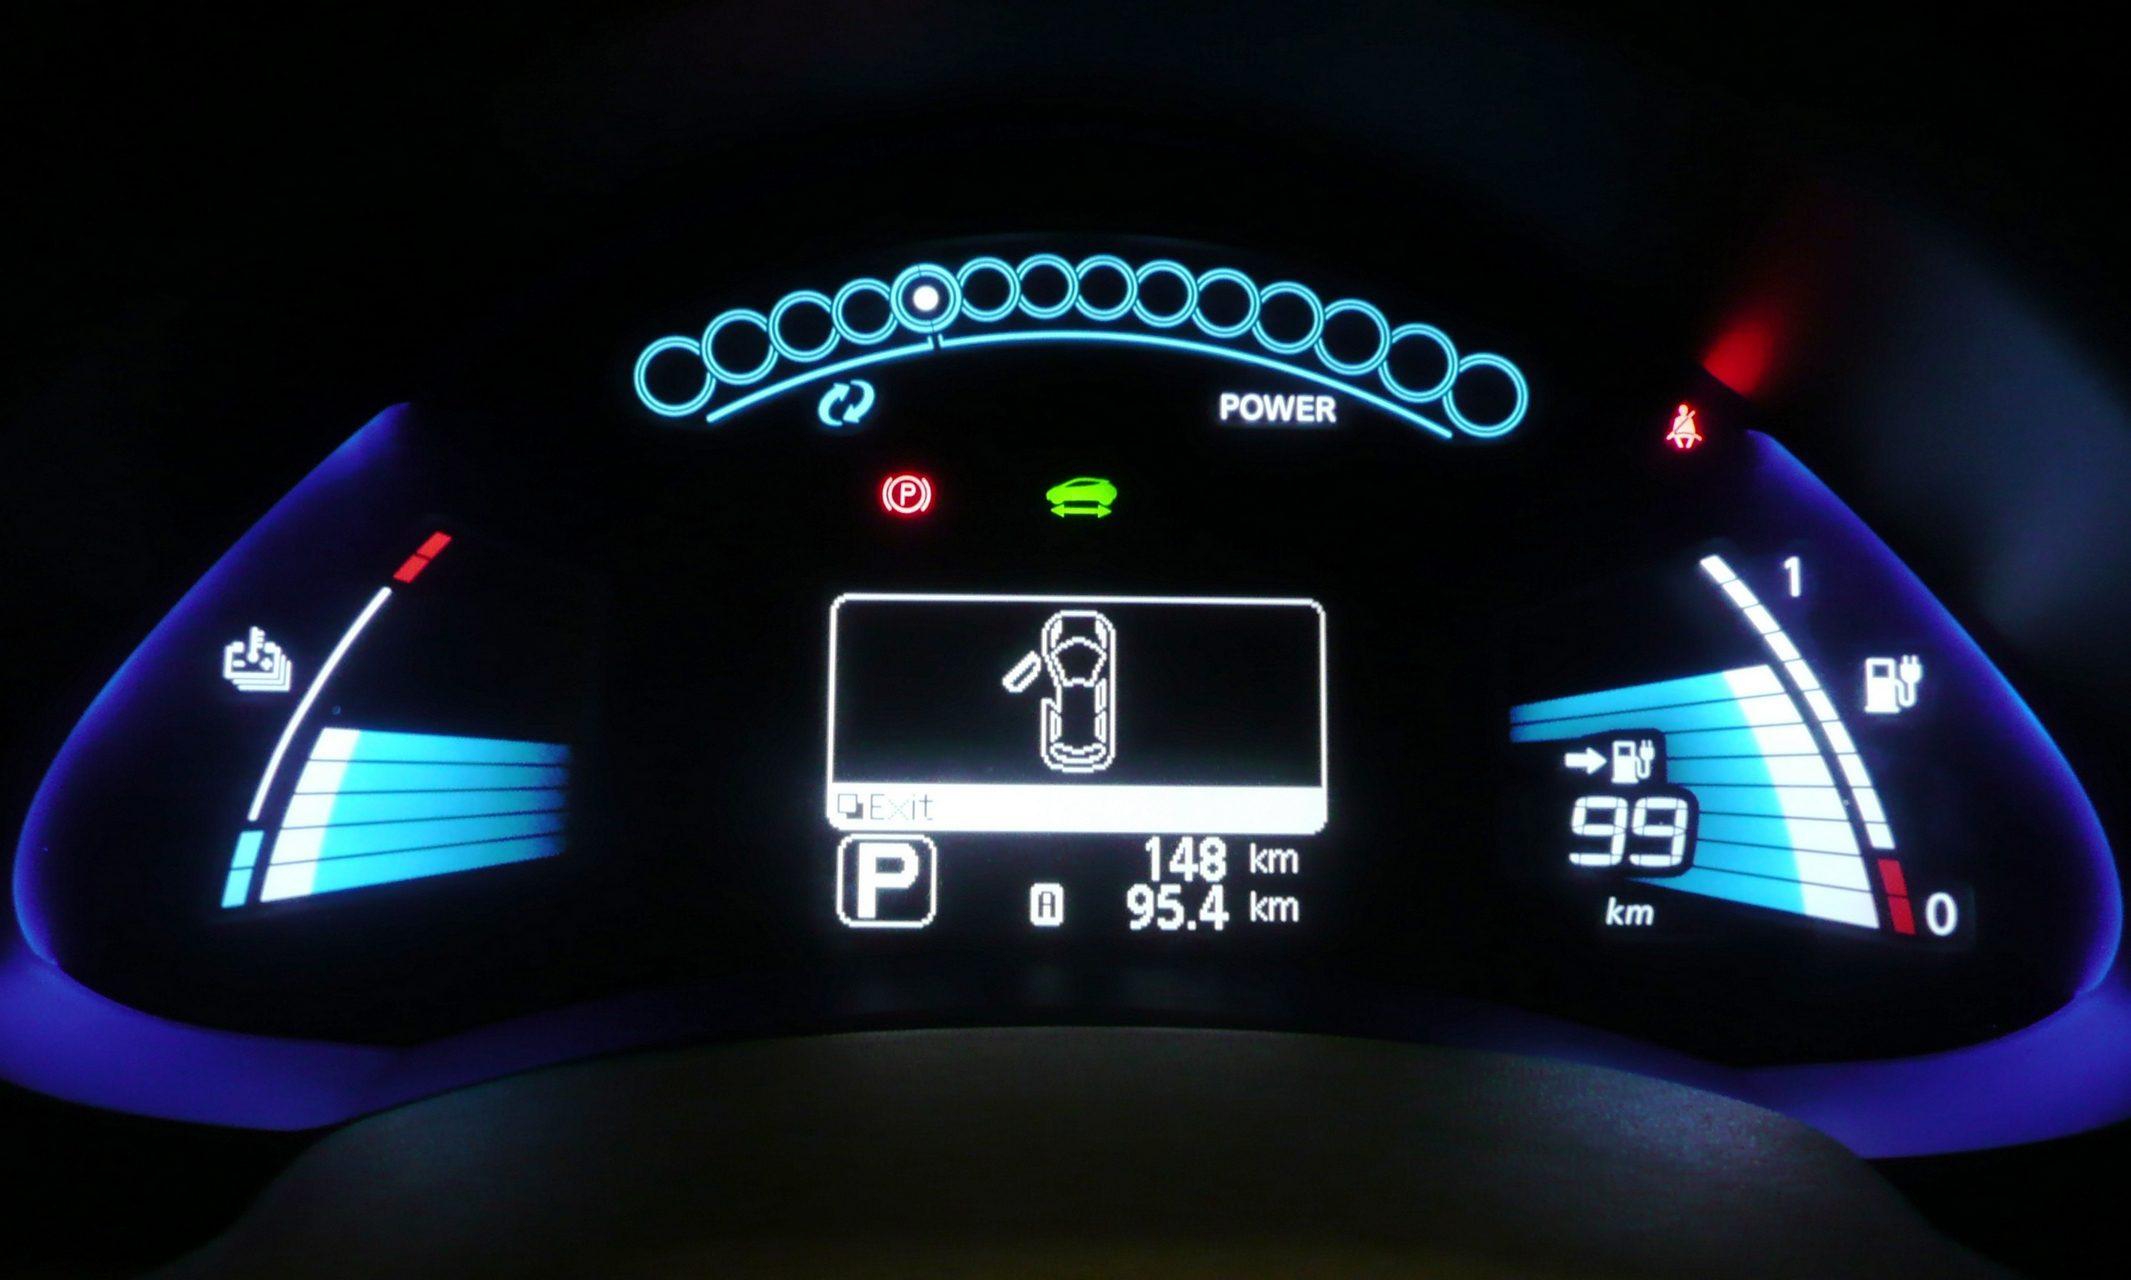 Nissan Leaf Dashboard Display